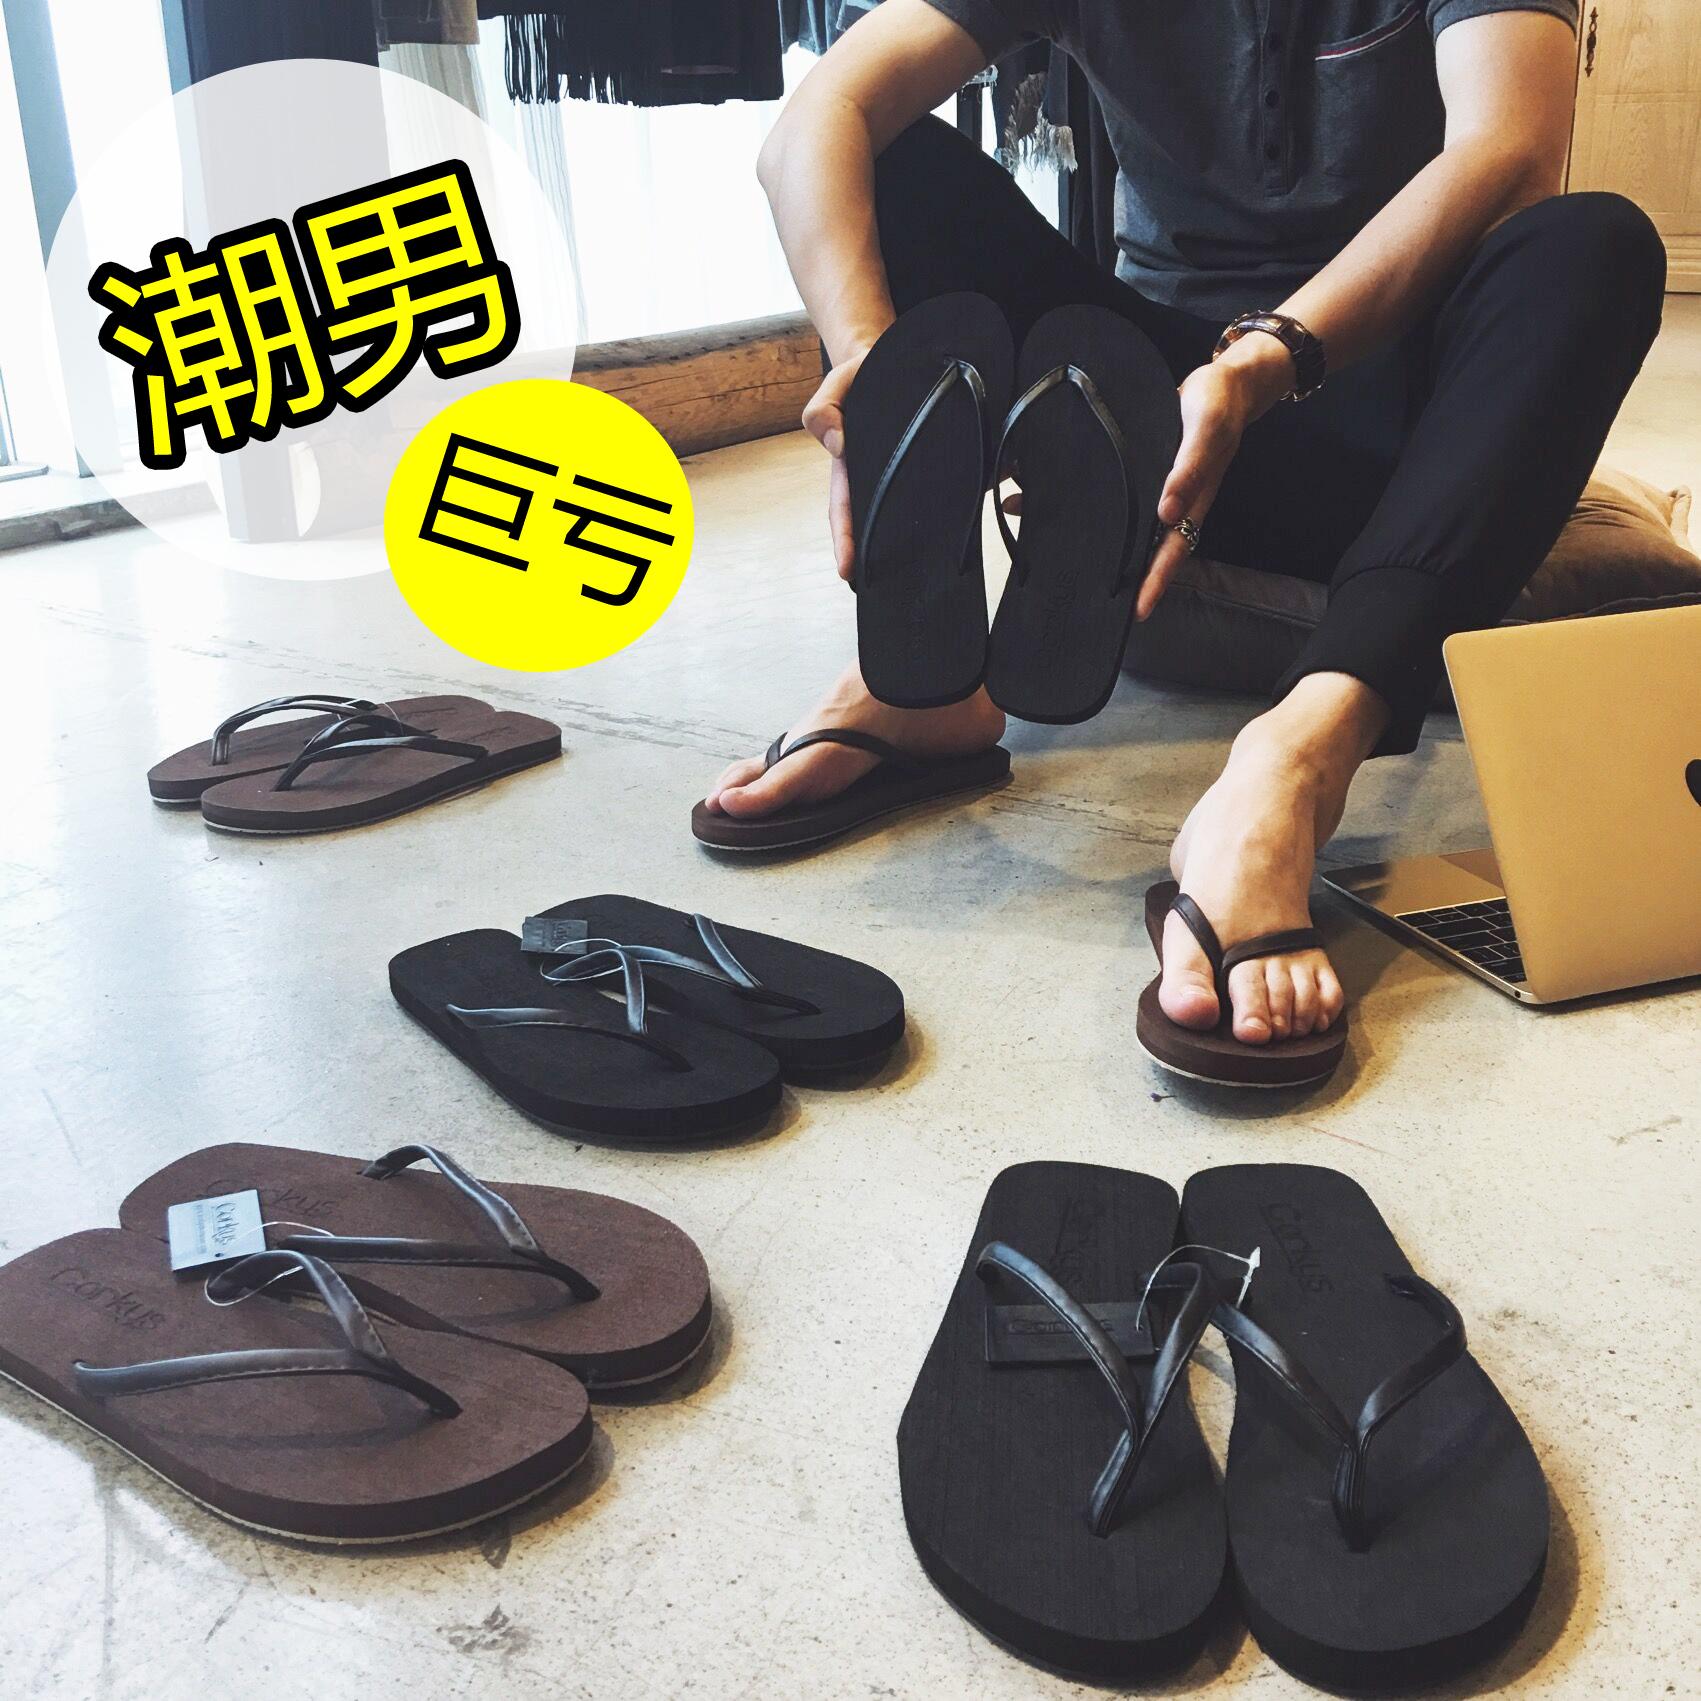 人字拖男士夏防滑简约休闲纯色韩版平跟凉拖鞋夹脚沙滩鞋潮男必备